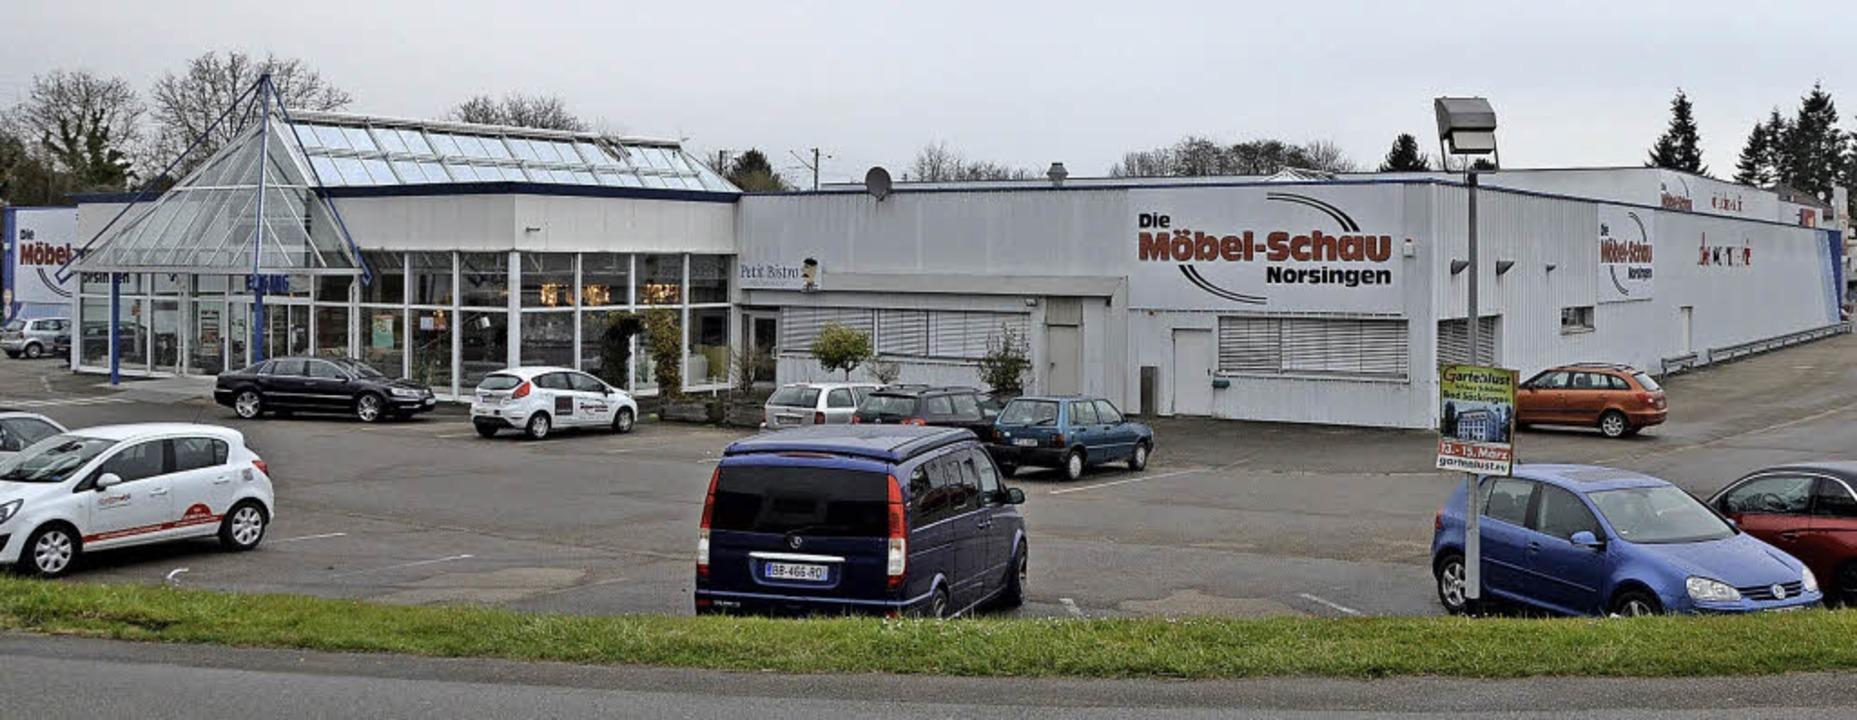 Modernere Optik Und Mehr Platz Ehrenkirchen Badische Zeitung